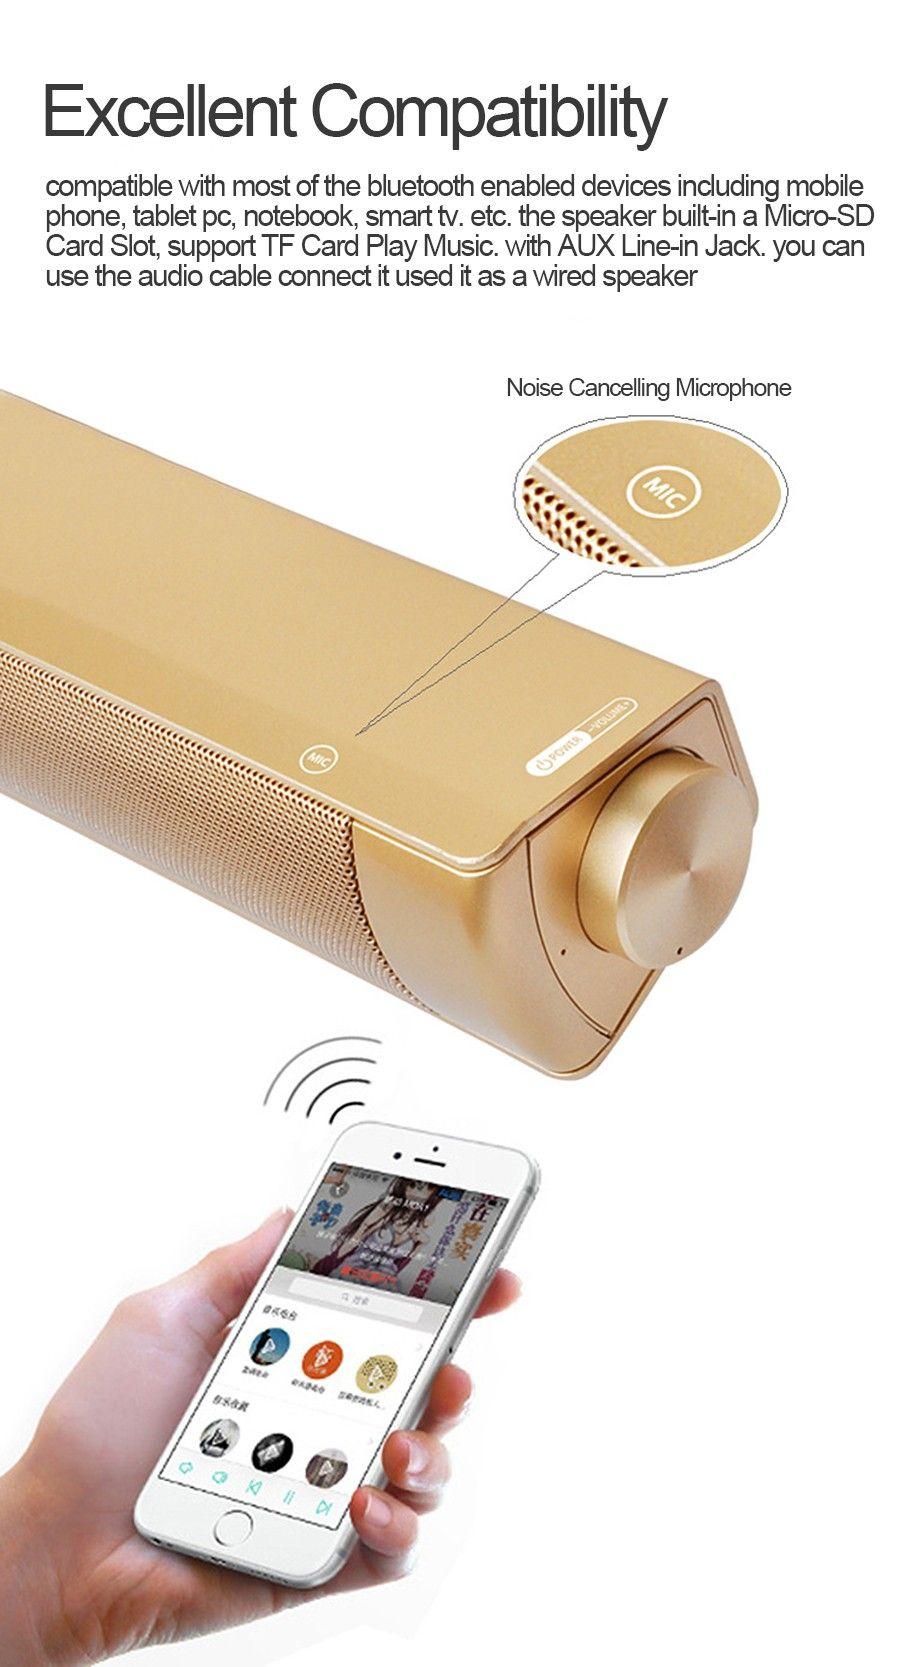 10 W LP08 Bluetooth Kablosuz Hoparlör Soundbars Handsfree konuşma HIFI Kutusu Subwoofer'lar Boombox Stereo TV PC laptop için Taşınabilir ses çubuğu